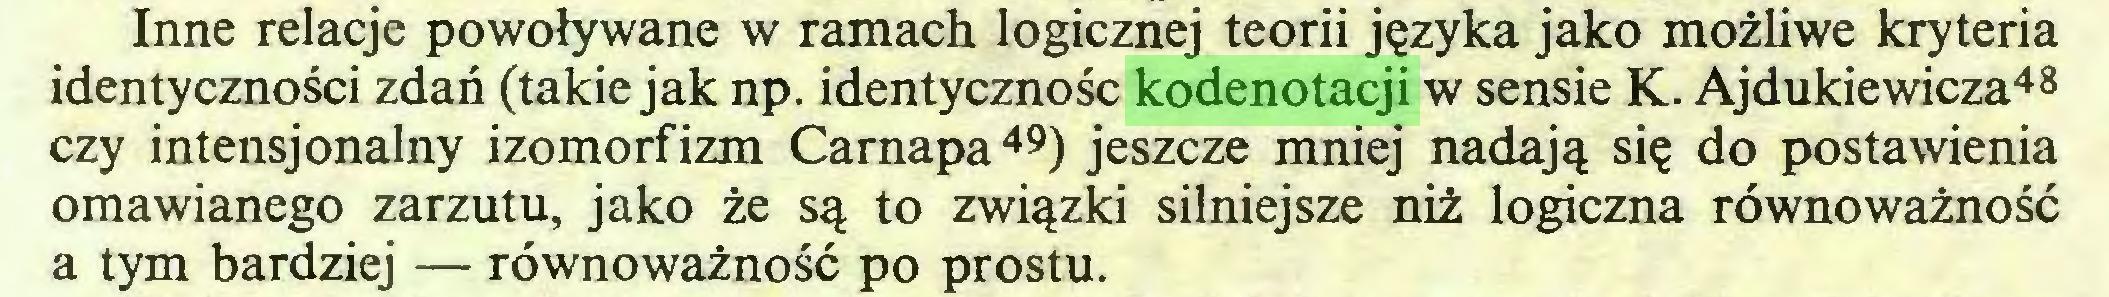 (...) Inne relacje powoływane w ramach logicznej teorii języka jako możliwe kryteria identyczności zdań (takie jak np. identyczność kodenotacji w sensie K. Ajdukiewicza48 czy intensjonalny izomorfizm Carnapa49) jeszcze mniej nadają się do postawienia omawianego zarzutu, jako że są to związki silniejsze niż logiczna równoważność a tym bardziej — równoważność po prostu...